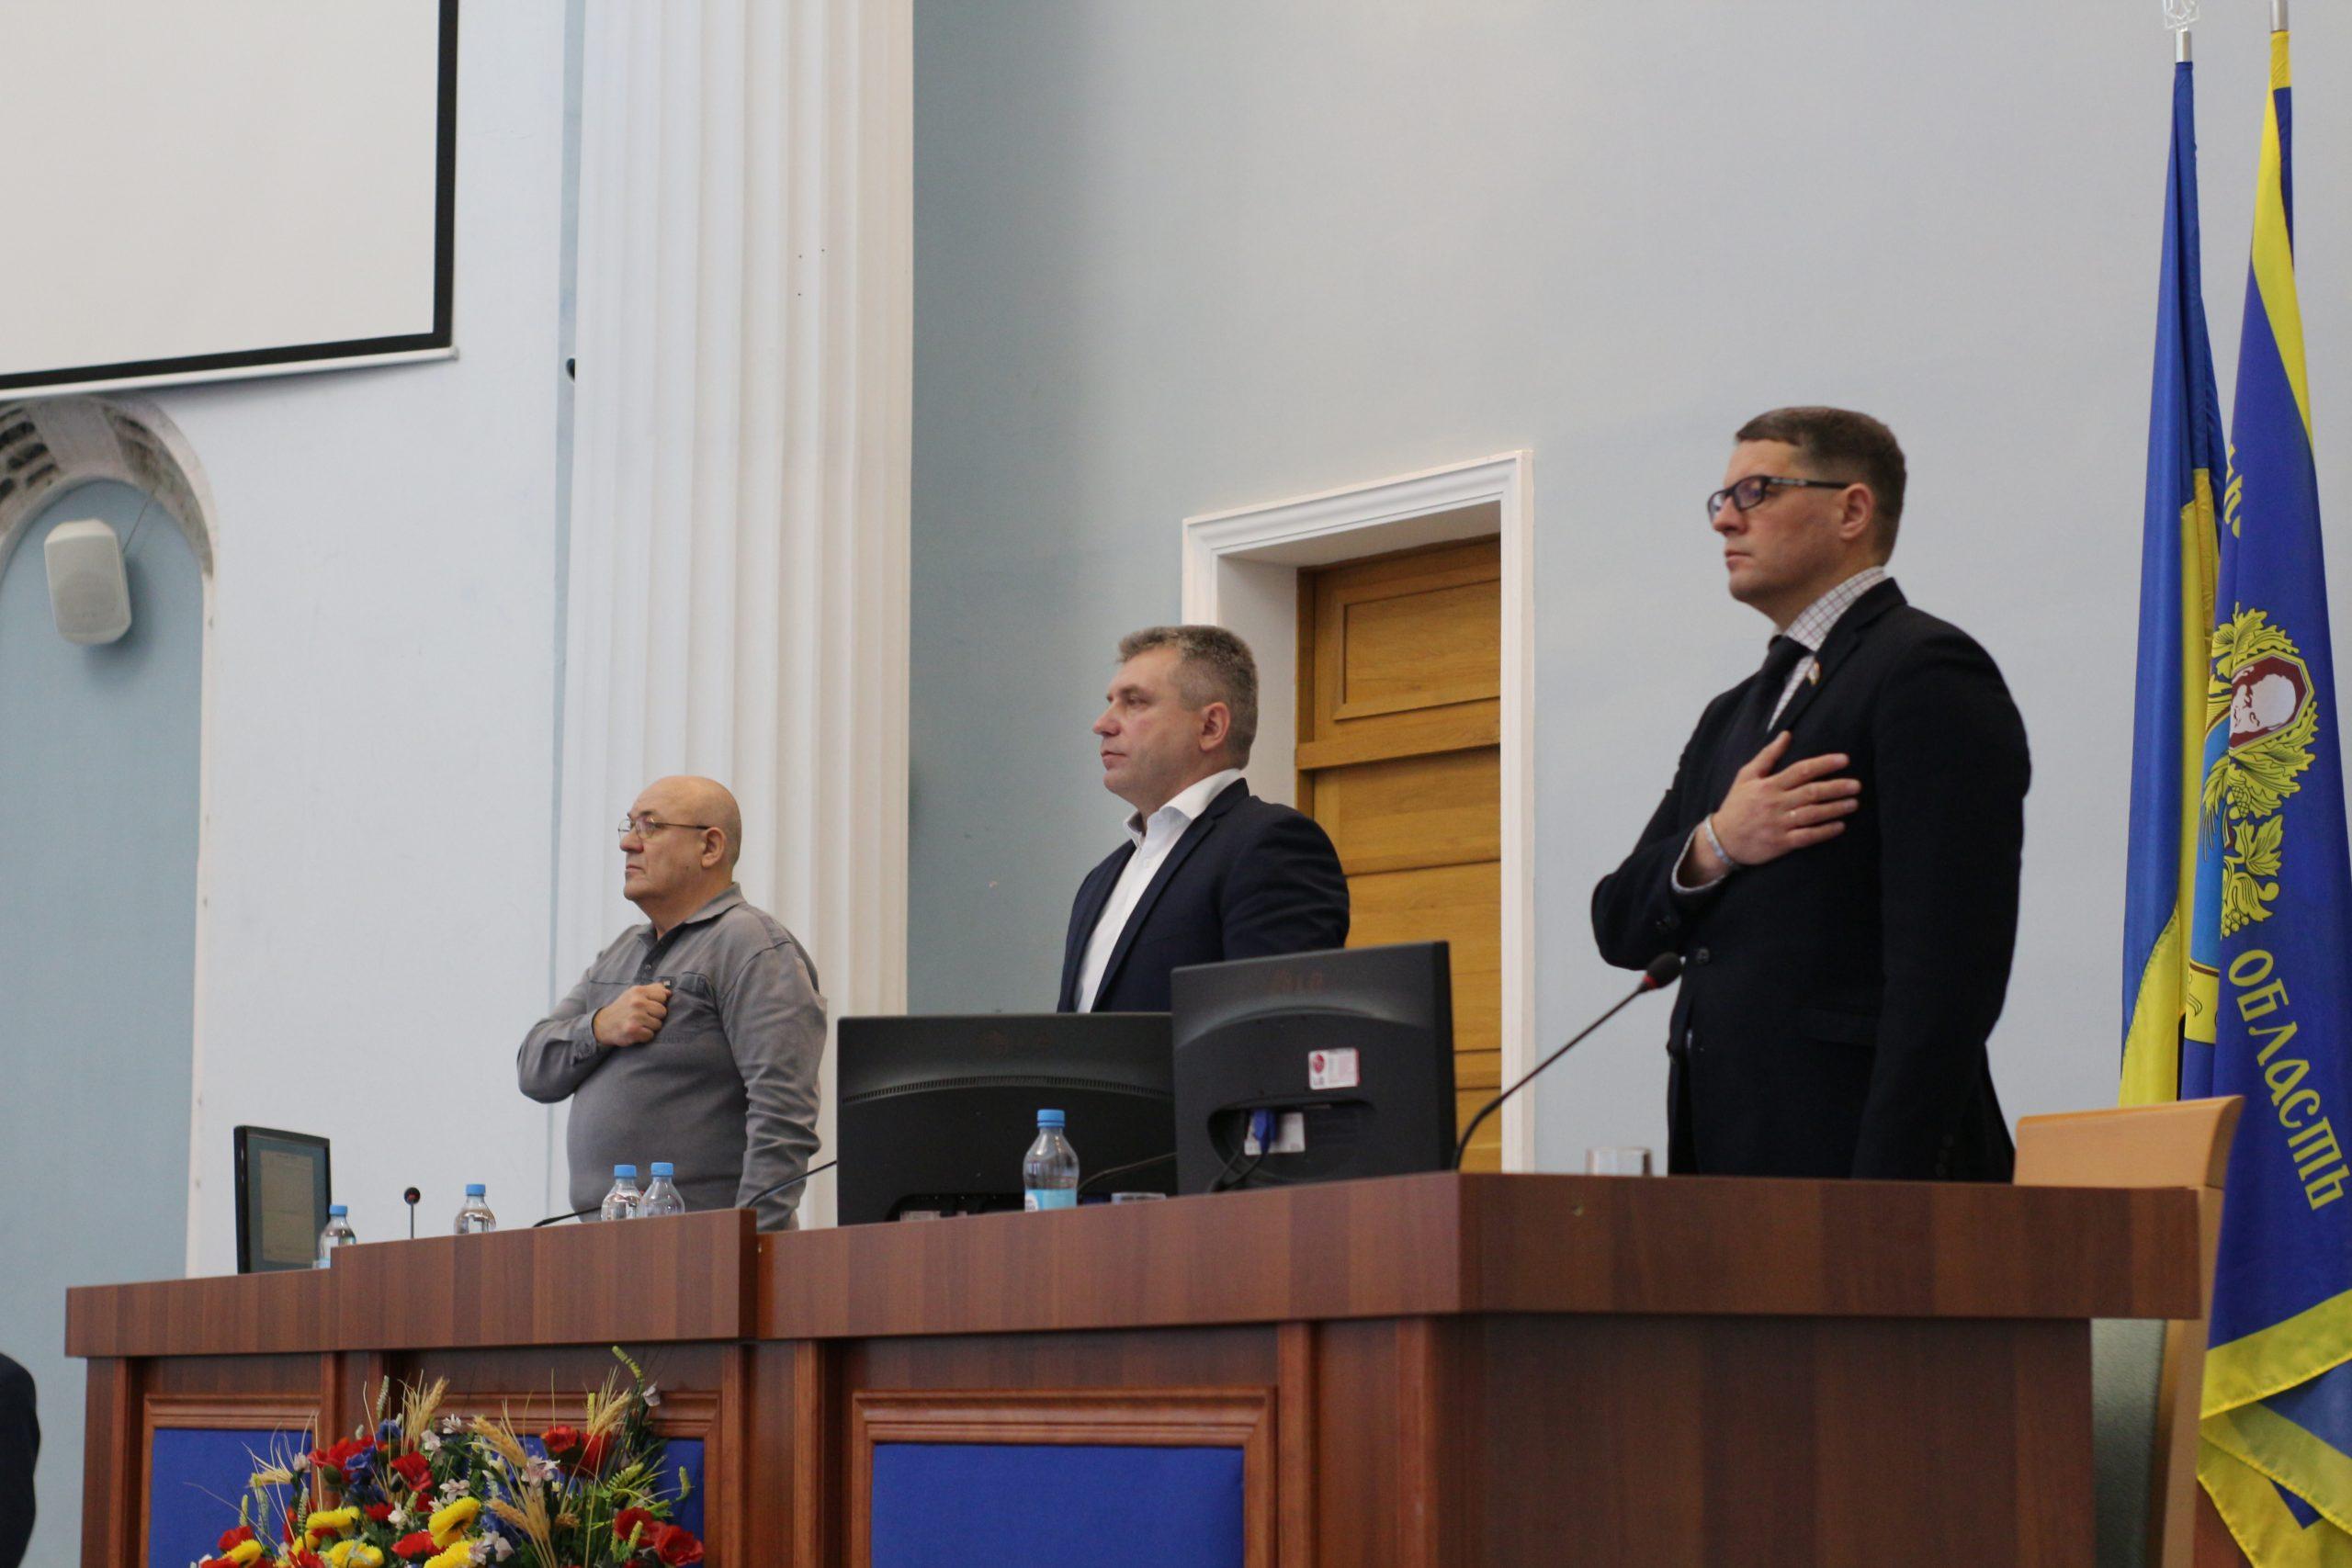 Позачергова сесія обласної ради відбулася в Черкасах